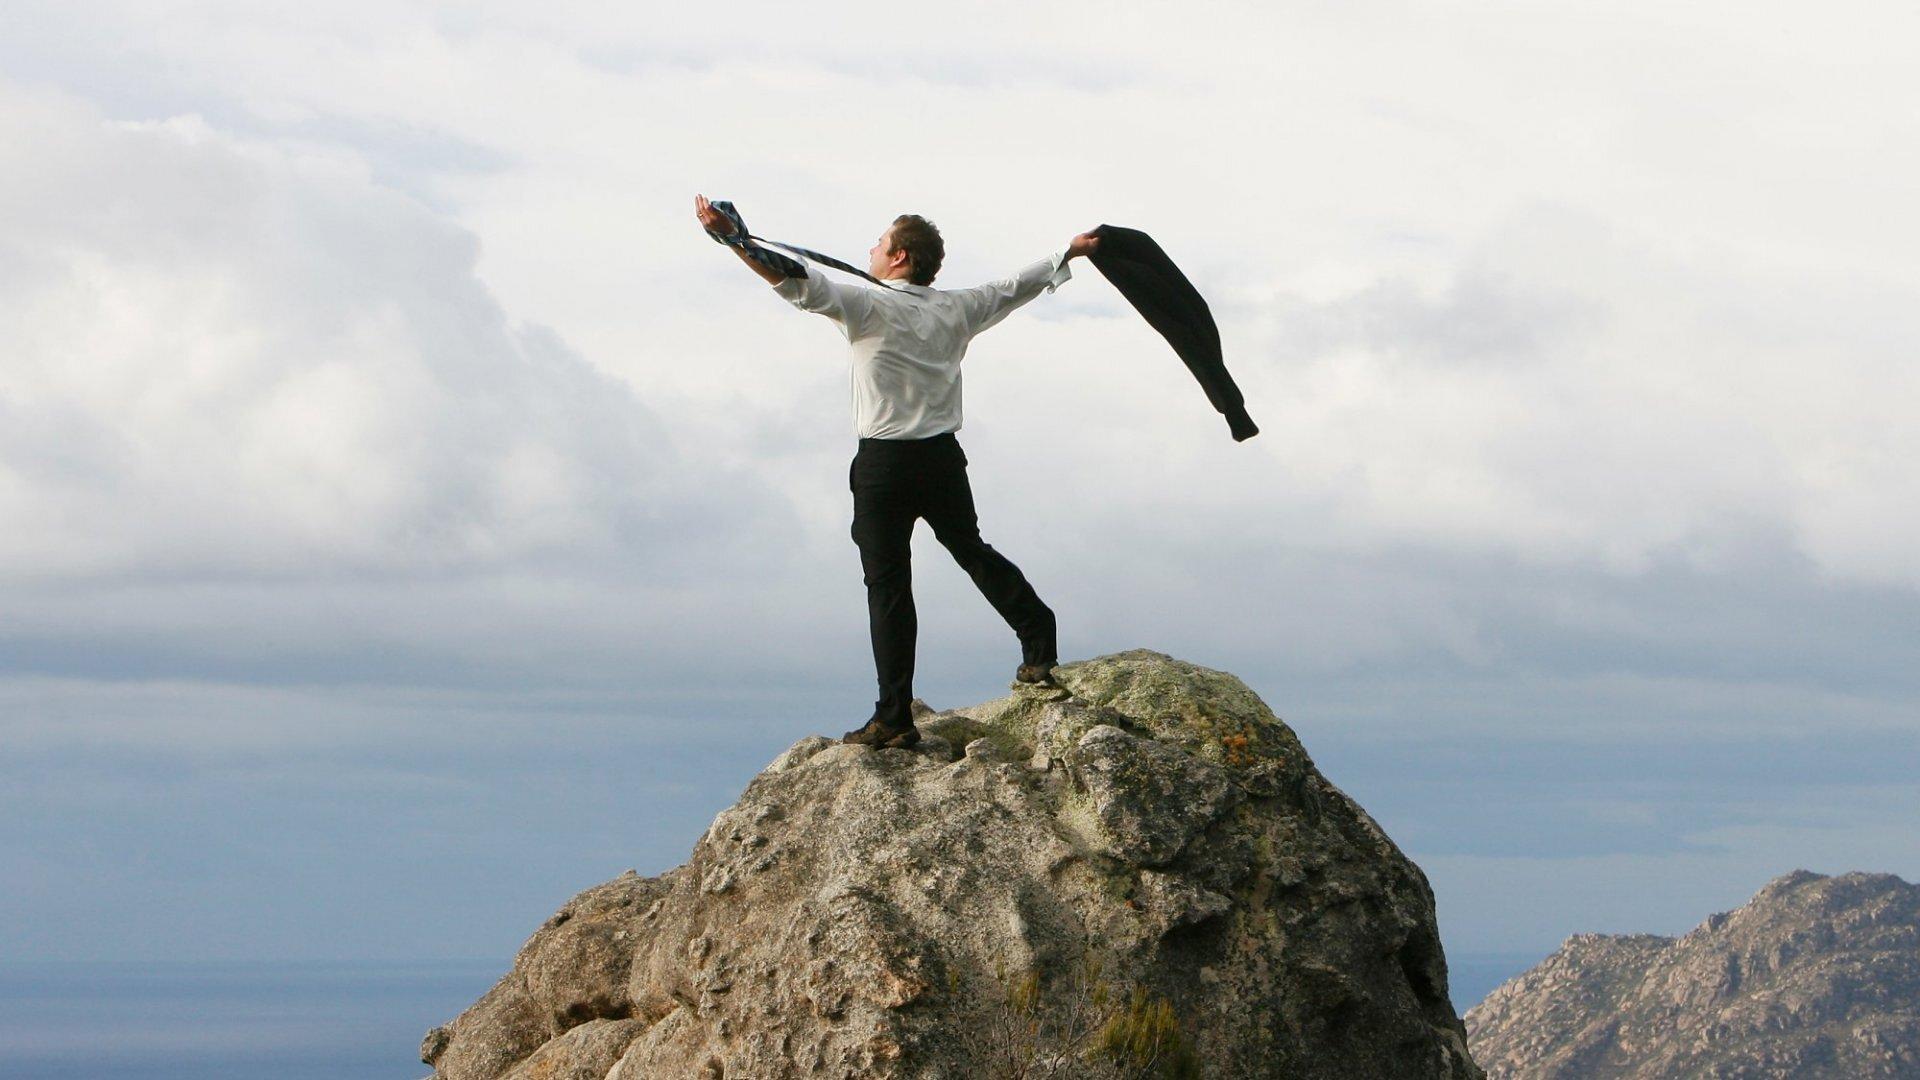 موفقيت،روزي،شك،ايده،مشكلات،بدانيد،برساند،تمايل،متوقف،افكار